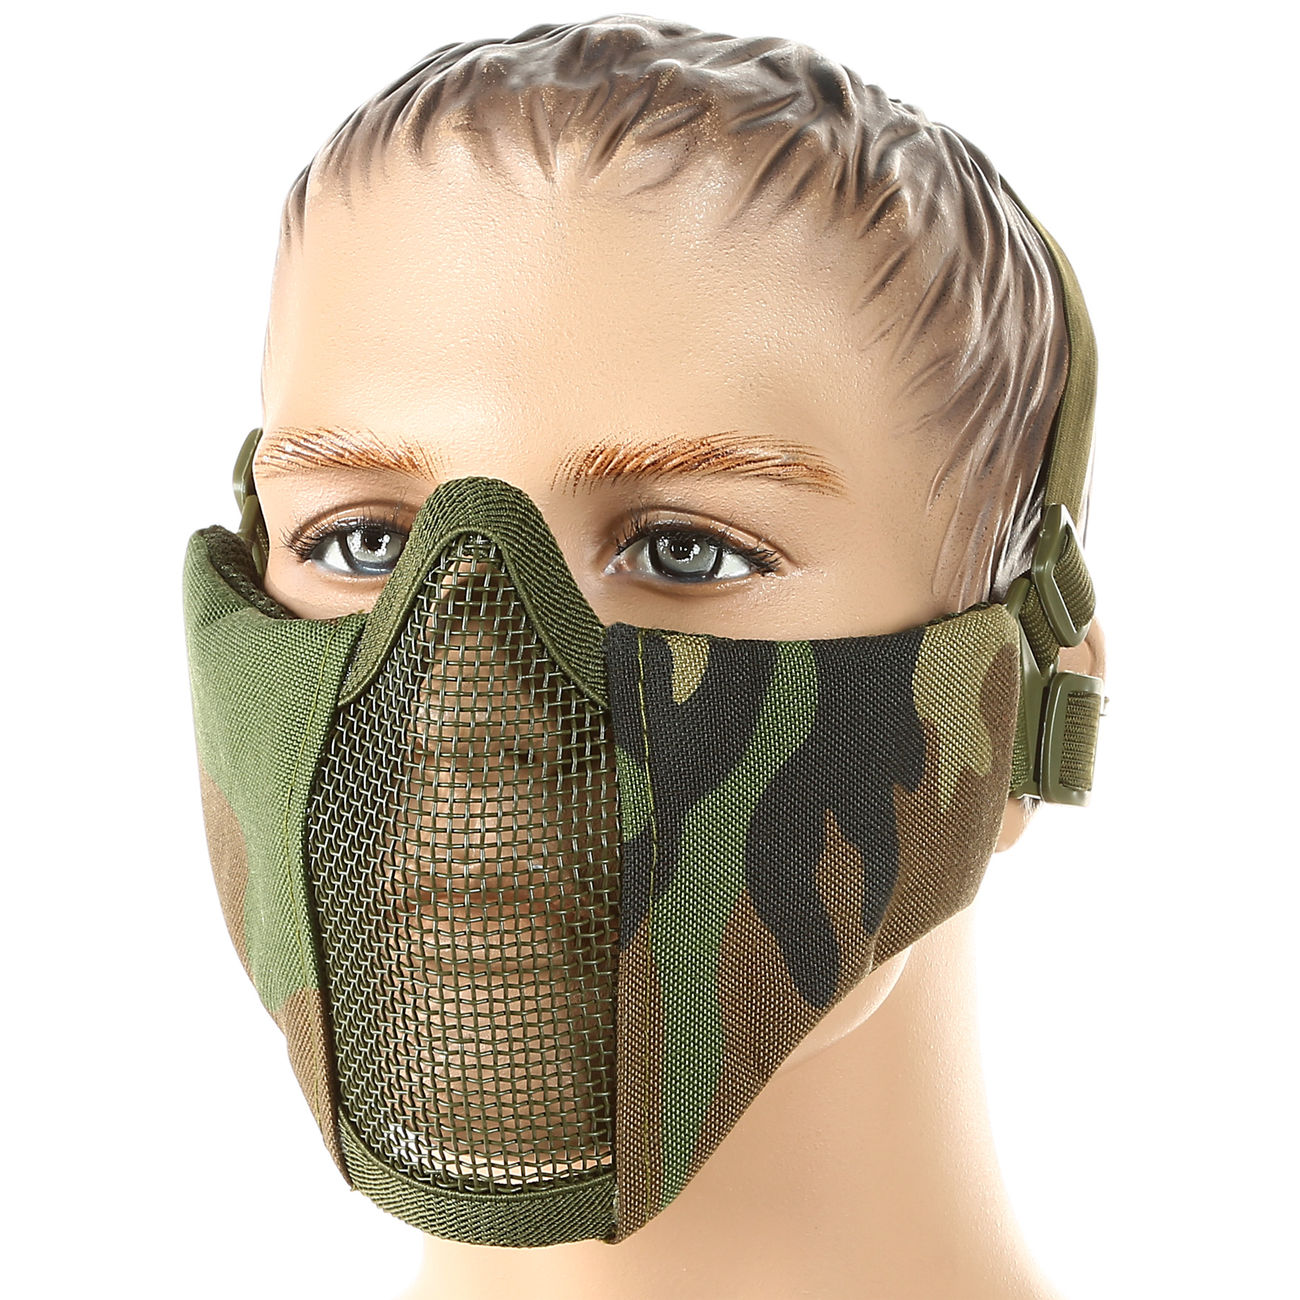 NEU Tactical Airsoft Gittermaske Totenkopf Schutzmaske Gitterschutzmaske